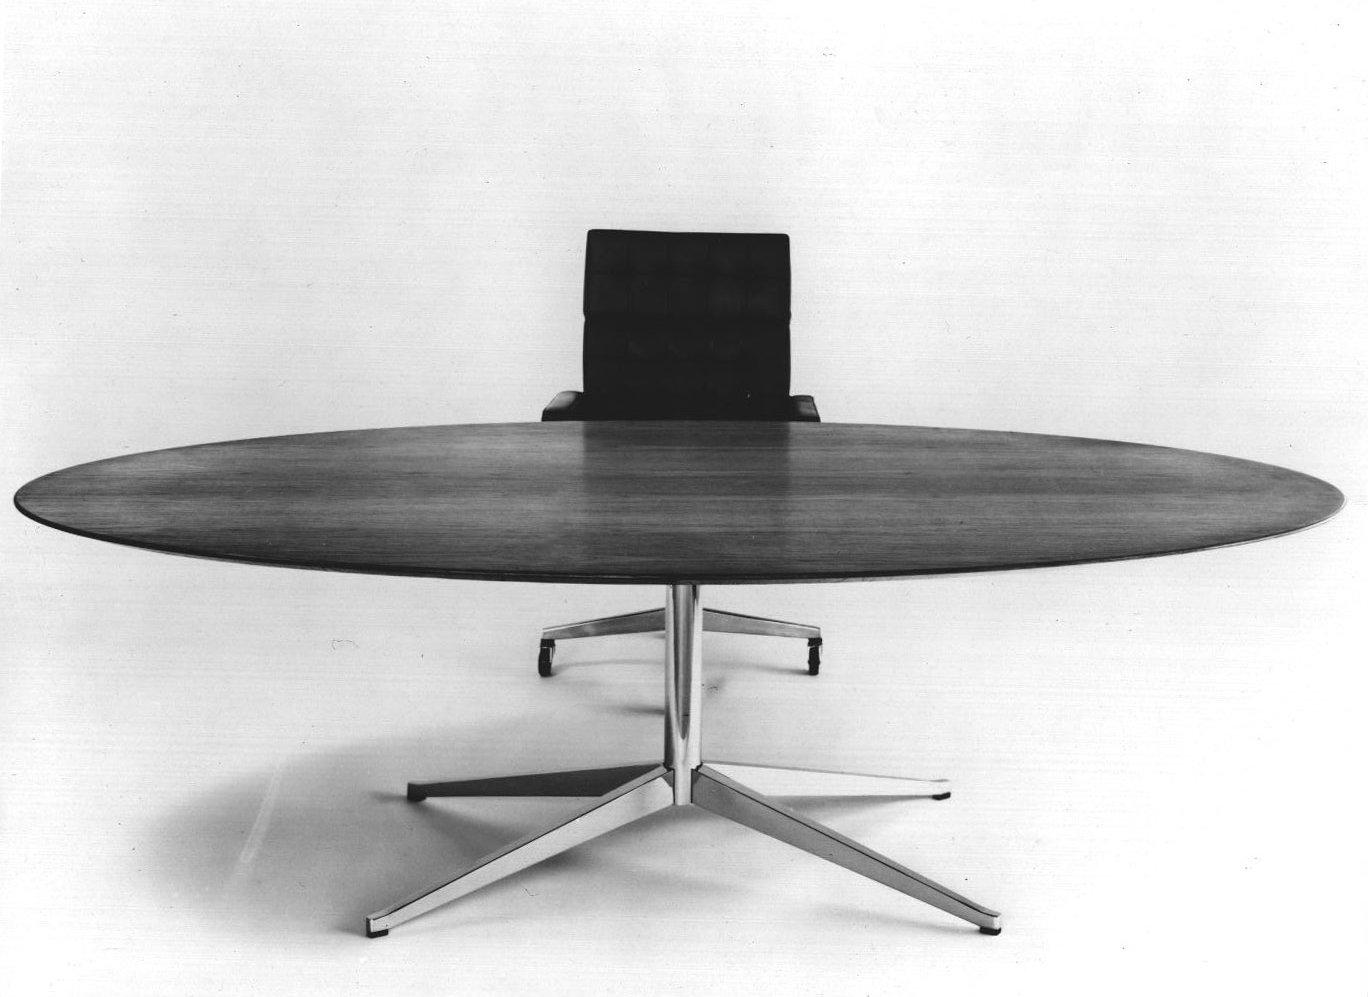 La mesa de escritorio Florence Knoll, diseñado en 1961, el año en que la Sra. Knoll se convirtió en la primera mujer en recibir la Medalla de Oro para Diseño Industrial del Instituto Americano de Arquitectos. Sus diseños siguen siendo comunes en oficinas, hogares y espacios públicos